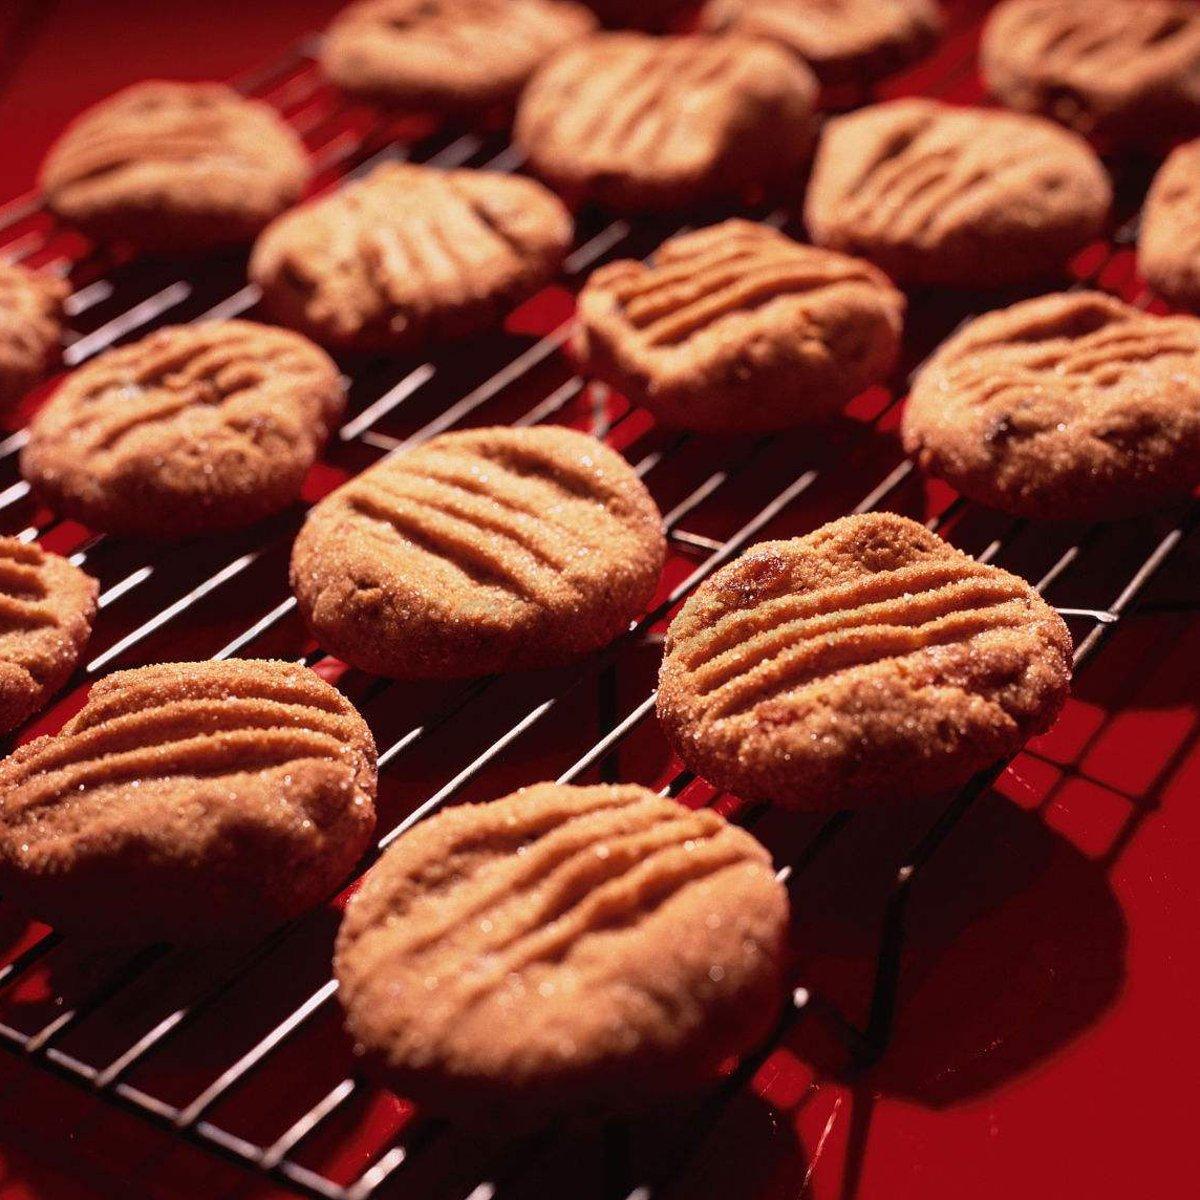 11 Toaster Oven Nonstick Baking Set Cake Pan Amp Cooling